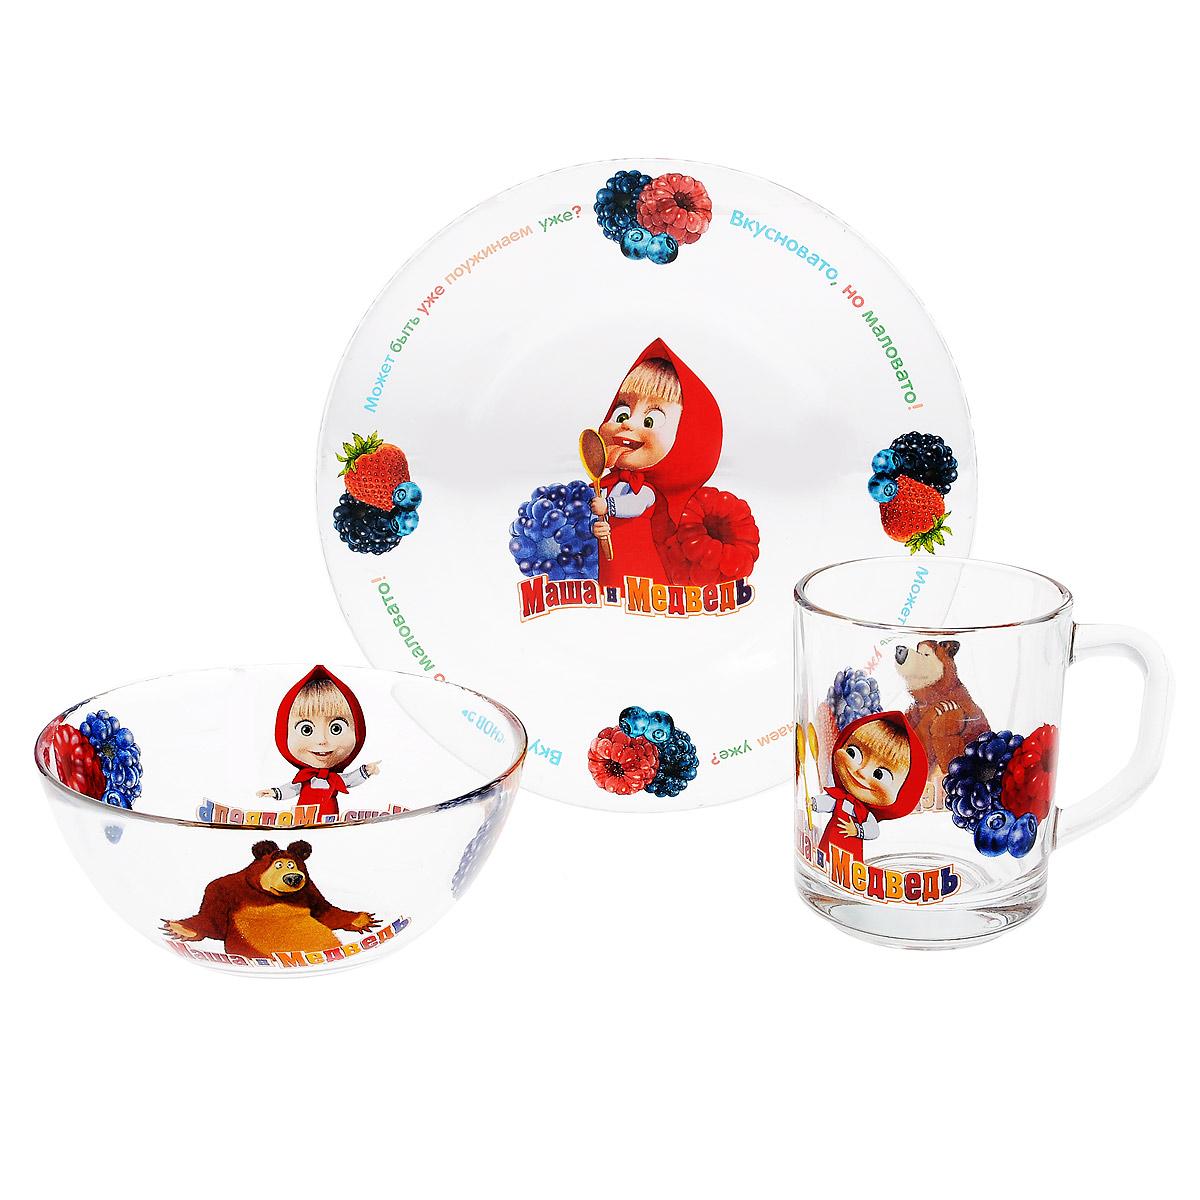 Набор детской посуды Маша и Медведь Лето, 3 предмета9559001Набор детской посуды Маша и Медведь Лето, выполненный из прозрачного стекла, состоит изкружки, тарелки и салатника. Материалы изделий нетоксичны и безопасны для детскогоздоровья. Изделия оформлены изображением любимых героев популярного мультфильма Машаи Медведь.Детская посуда удобна и увлекательна для вашего малыша. Привычная еда станет болеевкусной и приятной, если процесс кормления сопровождать игрой и сказками о любимых героях.Красочная посуда является залогом хорошего настроения и аппетита ваших детей.Пригодна для мытья в посудомоечной машине.Диаметр тарелка: 19,5 см.Диаметр салатника: 12,5 см.Высота салатника: 5,5 см.Объем кружки: 250 мл.Диаметр кружки (по верхнему краю): 7 см.Высота кружки: 9 см.